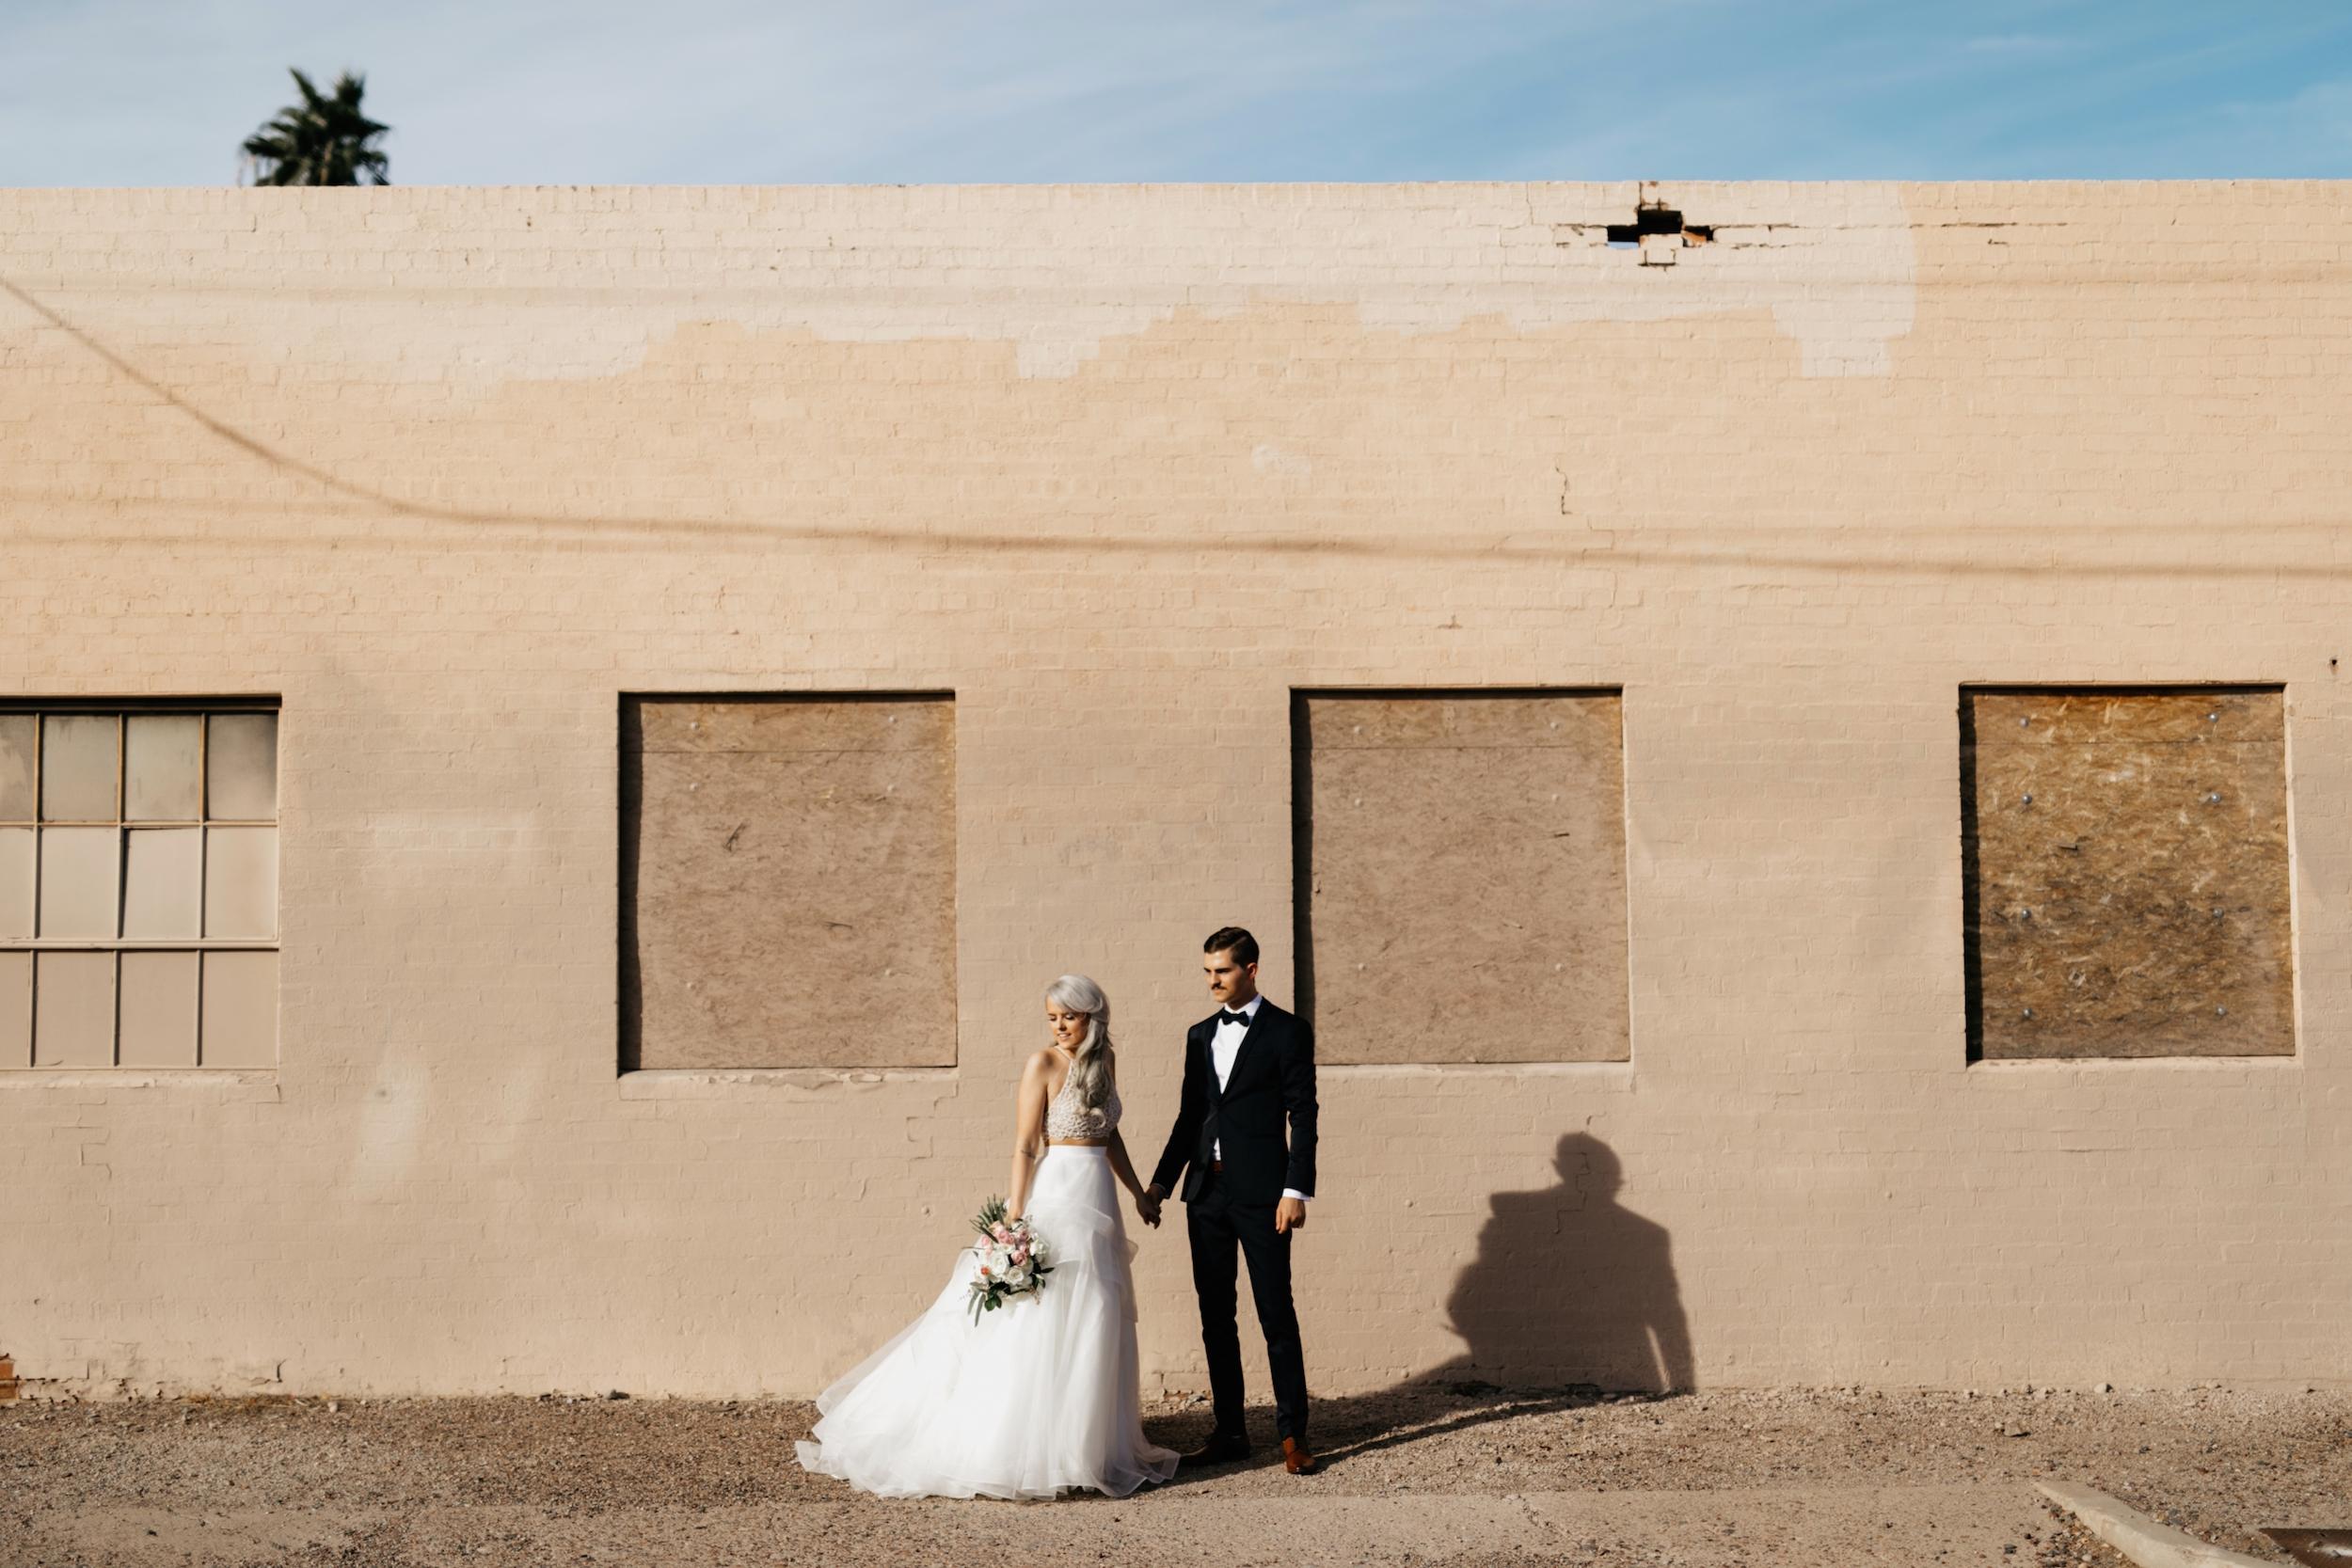 arizona - wedding - photography 01271.jpg